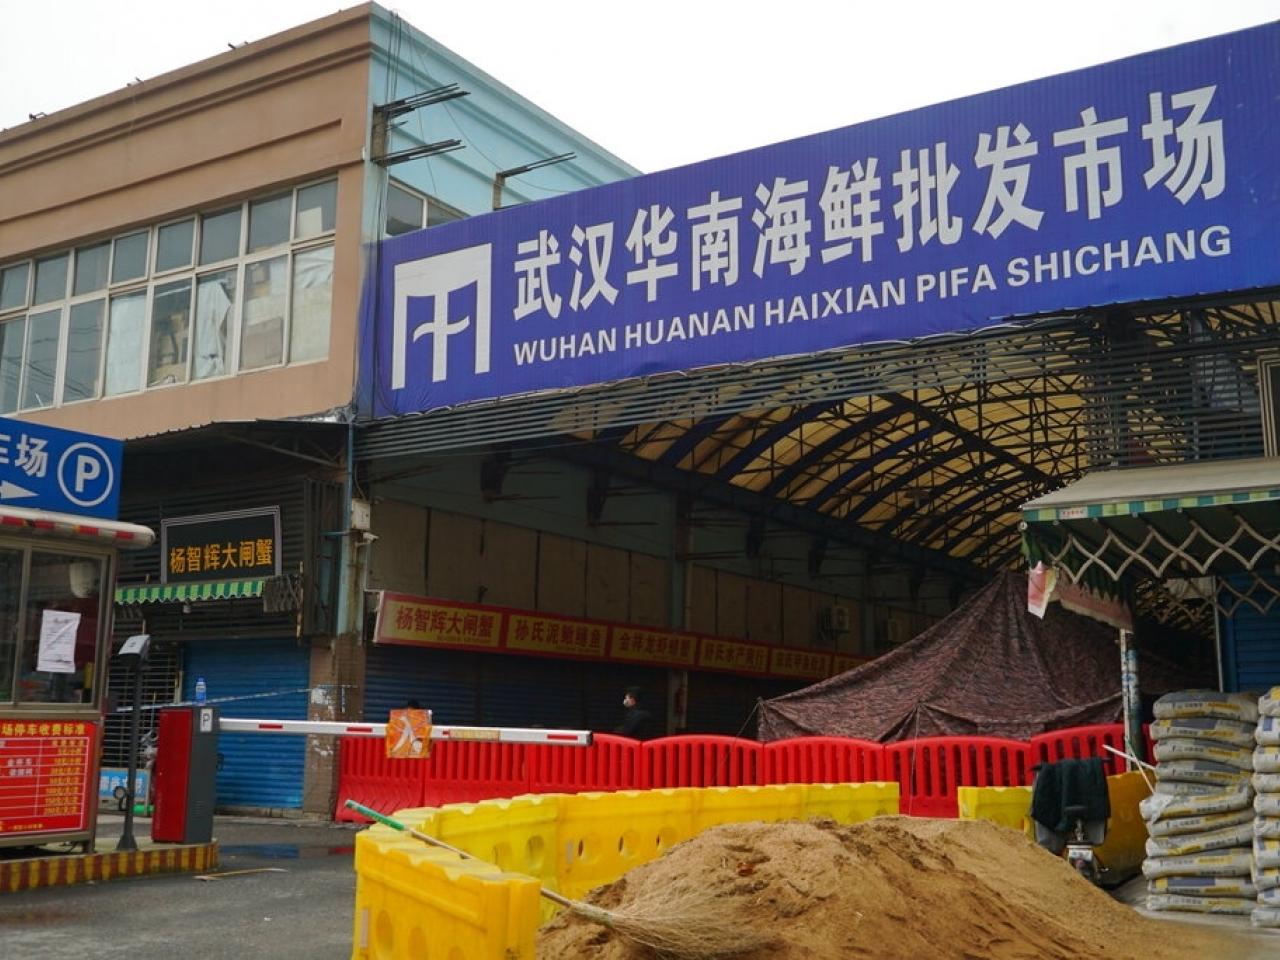 【新冠肺炎】华南海鲜市场存在大量新型冠状病毒 揭开幕后老闆真面目